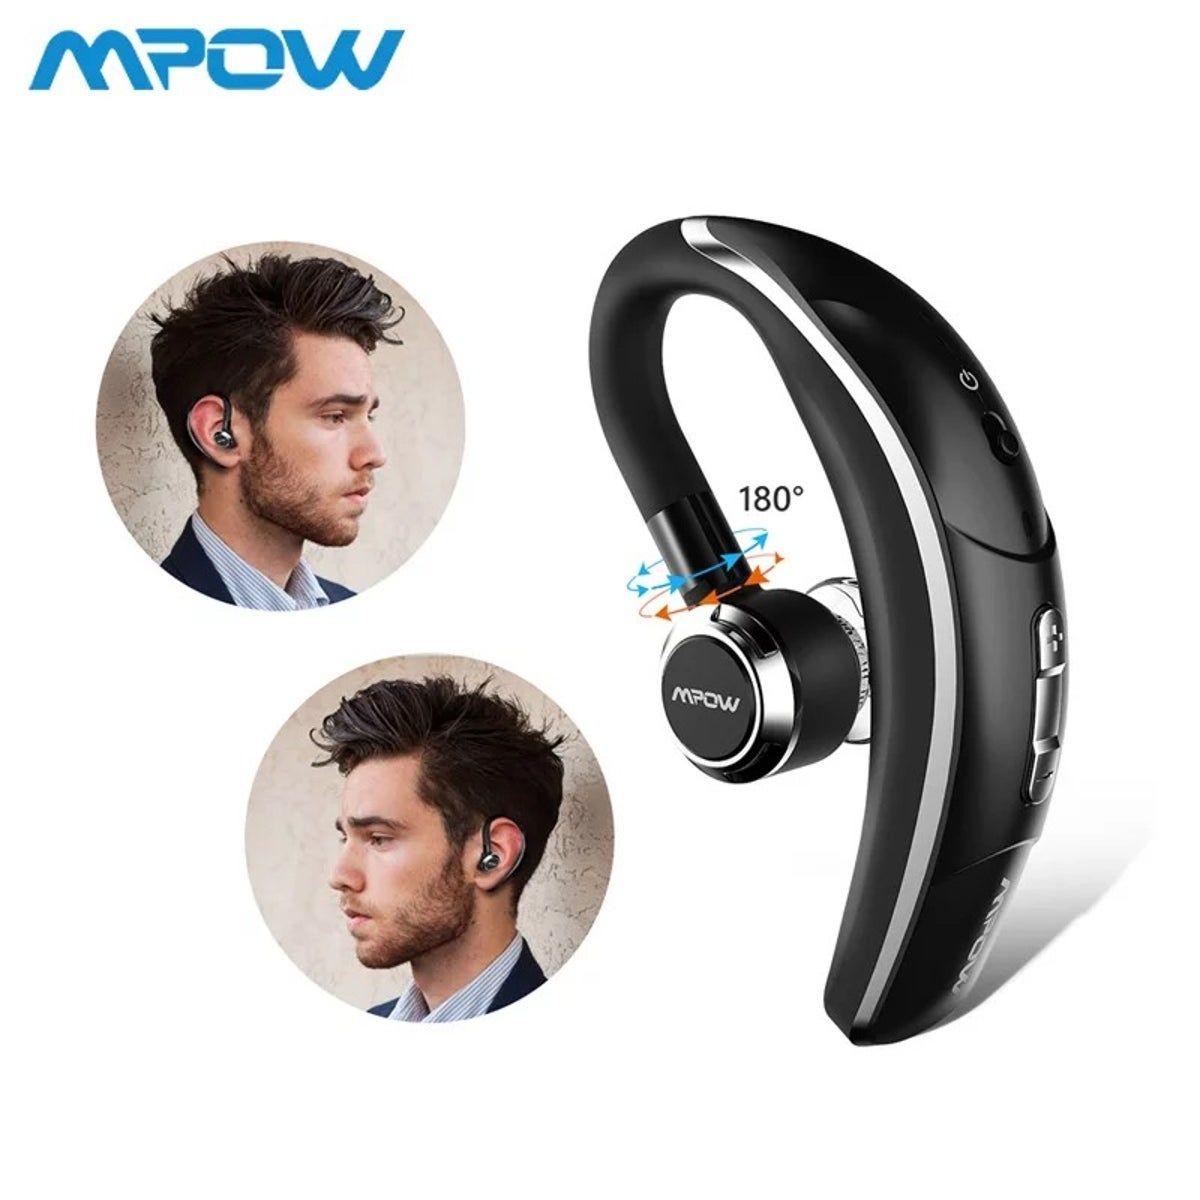 Pin By Wacky Gadgetz Llc On Headphones In 2020 Bluetooth Earpiece Mpow Earbud Headphones